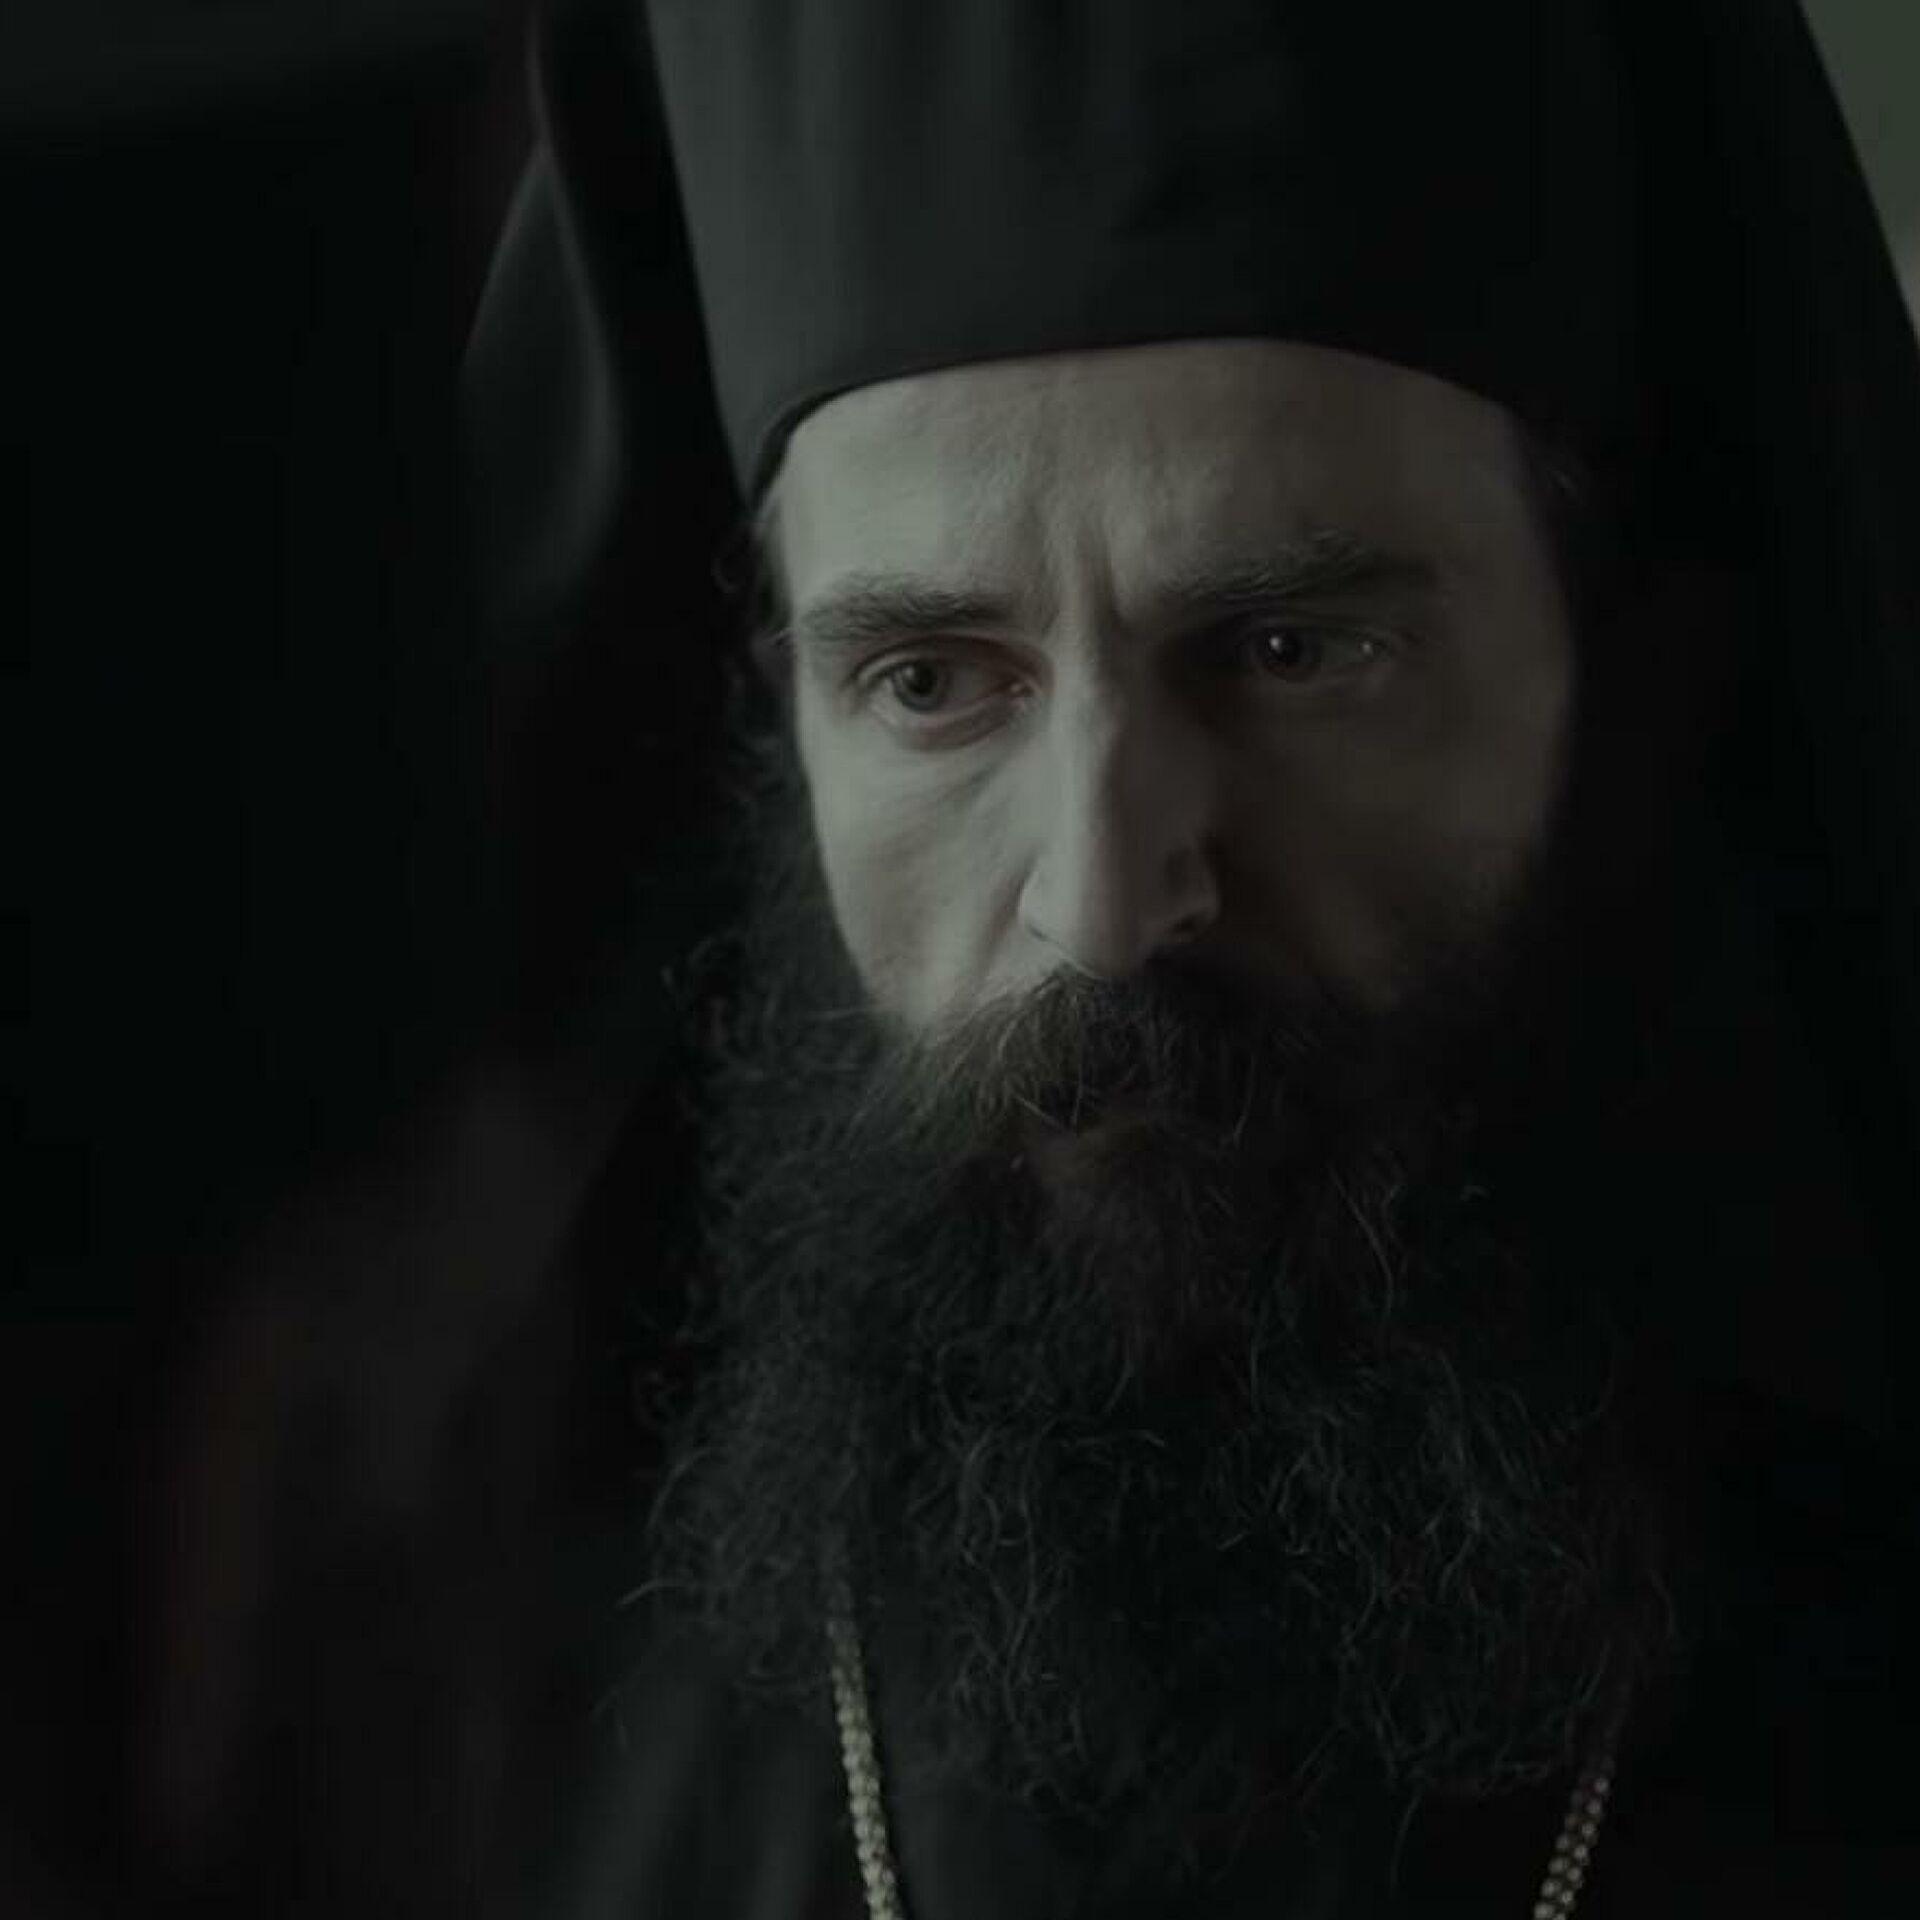 Ο «Άνθρωπος του Θεού» και ο «Άγιος του κινηματογράφου»